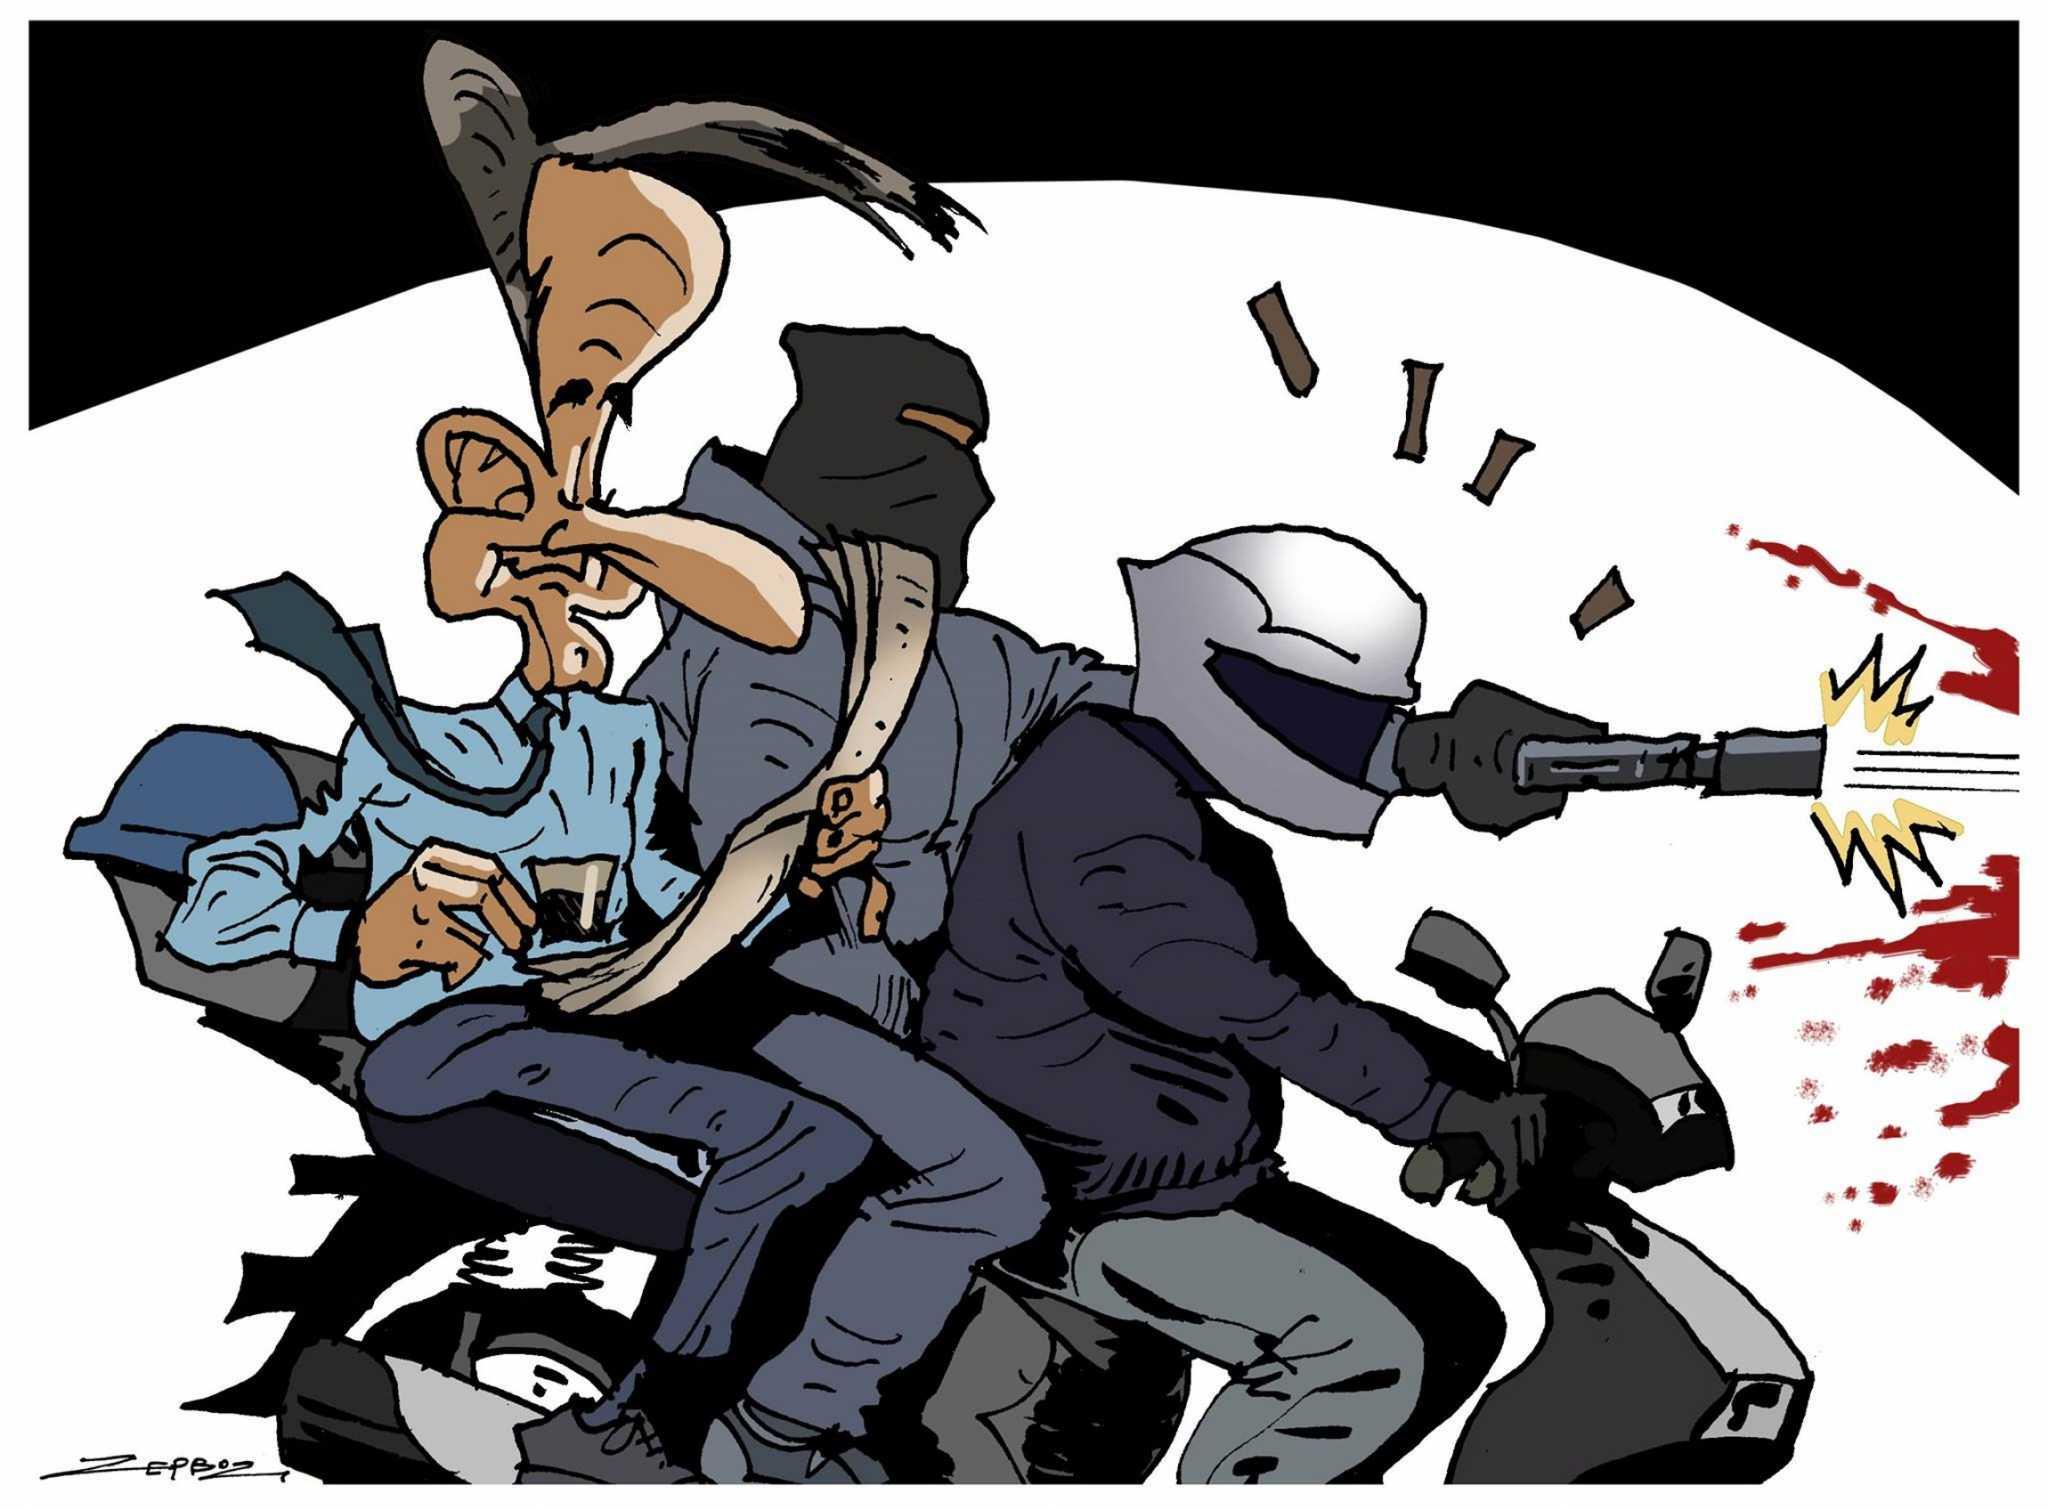 Δολοφονία Καραϊβάζ: Η απάντηση του σκιτσογράφου της ΕφΣυν για το σκίτσο με Μητσοτάκη